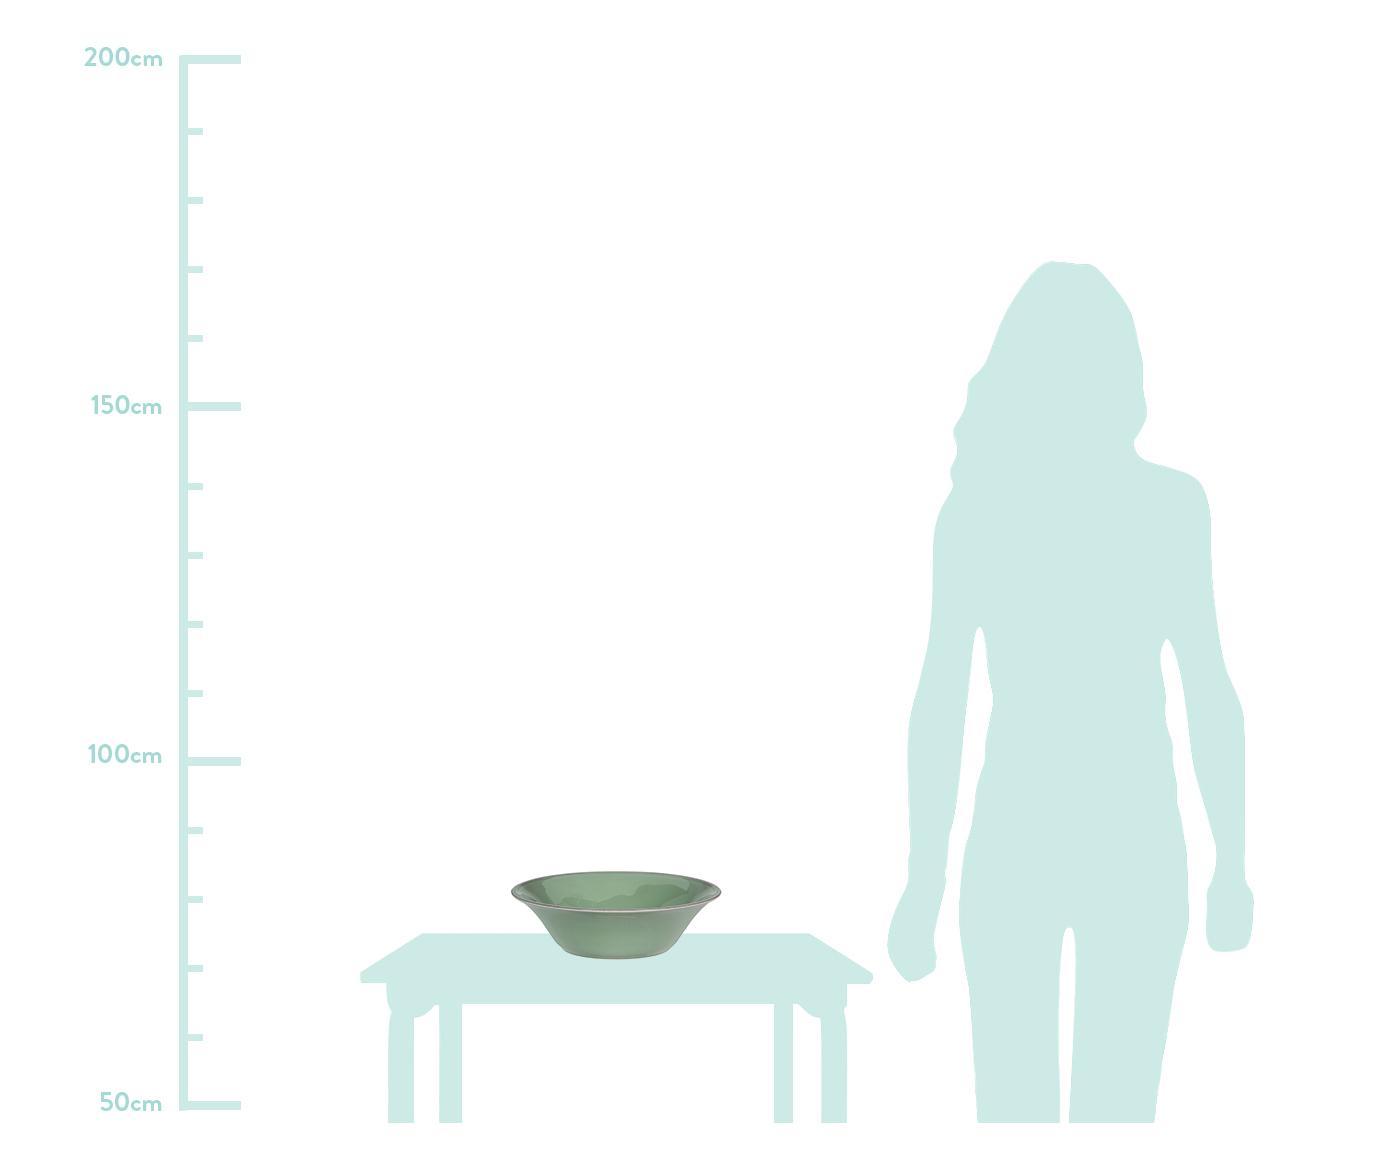 Salatschüssel Constance im Landhaus Style, Steingut, Salbeigrün, Ø 30 x H 9 cm